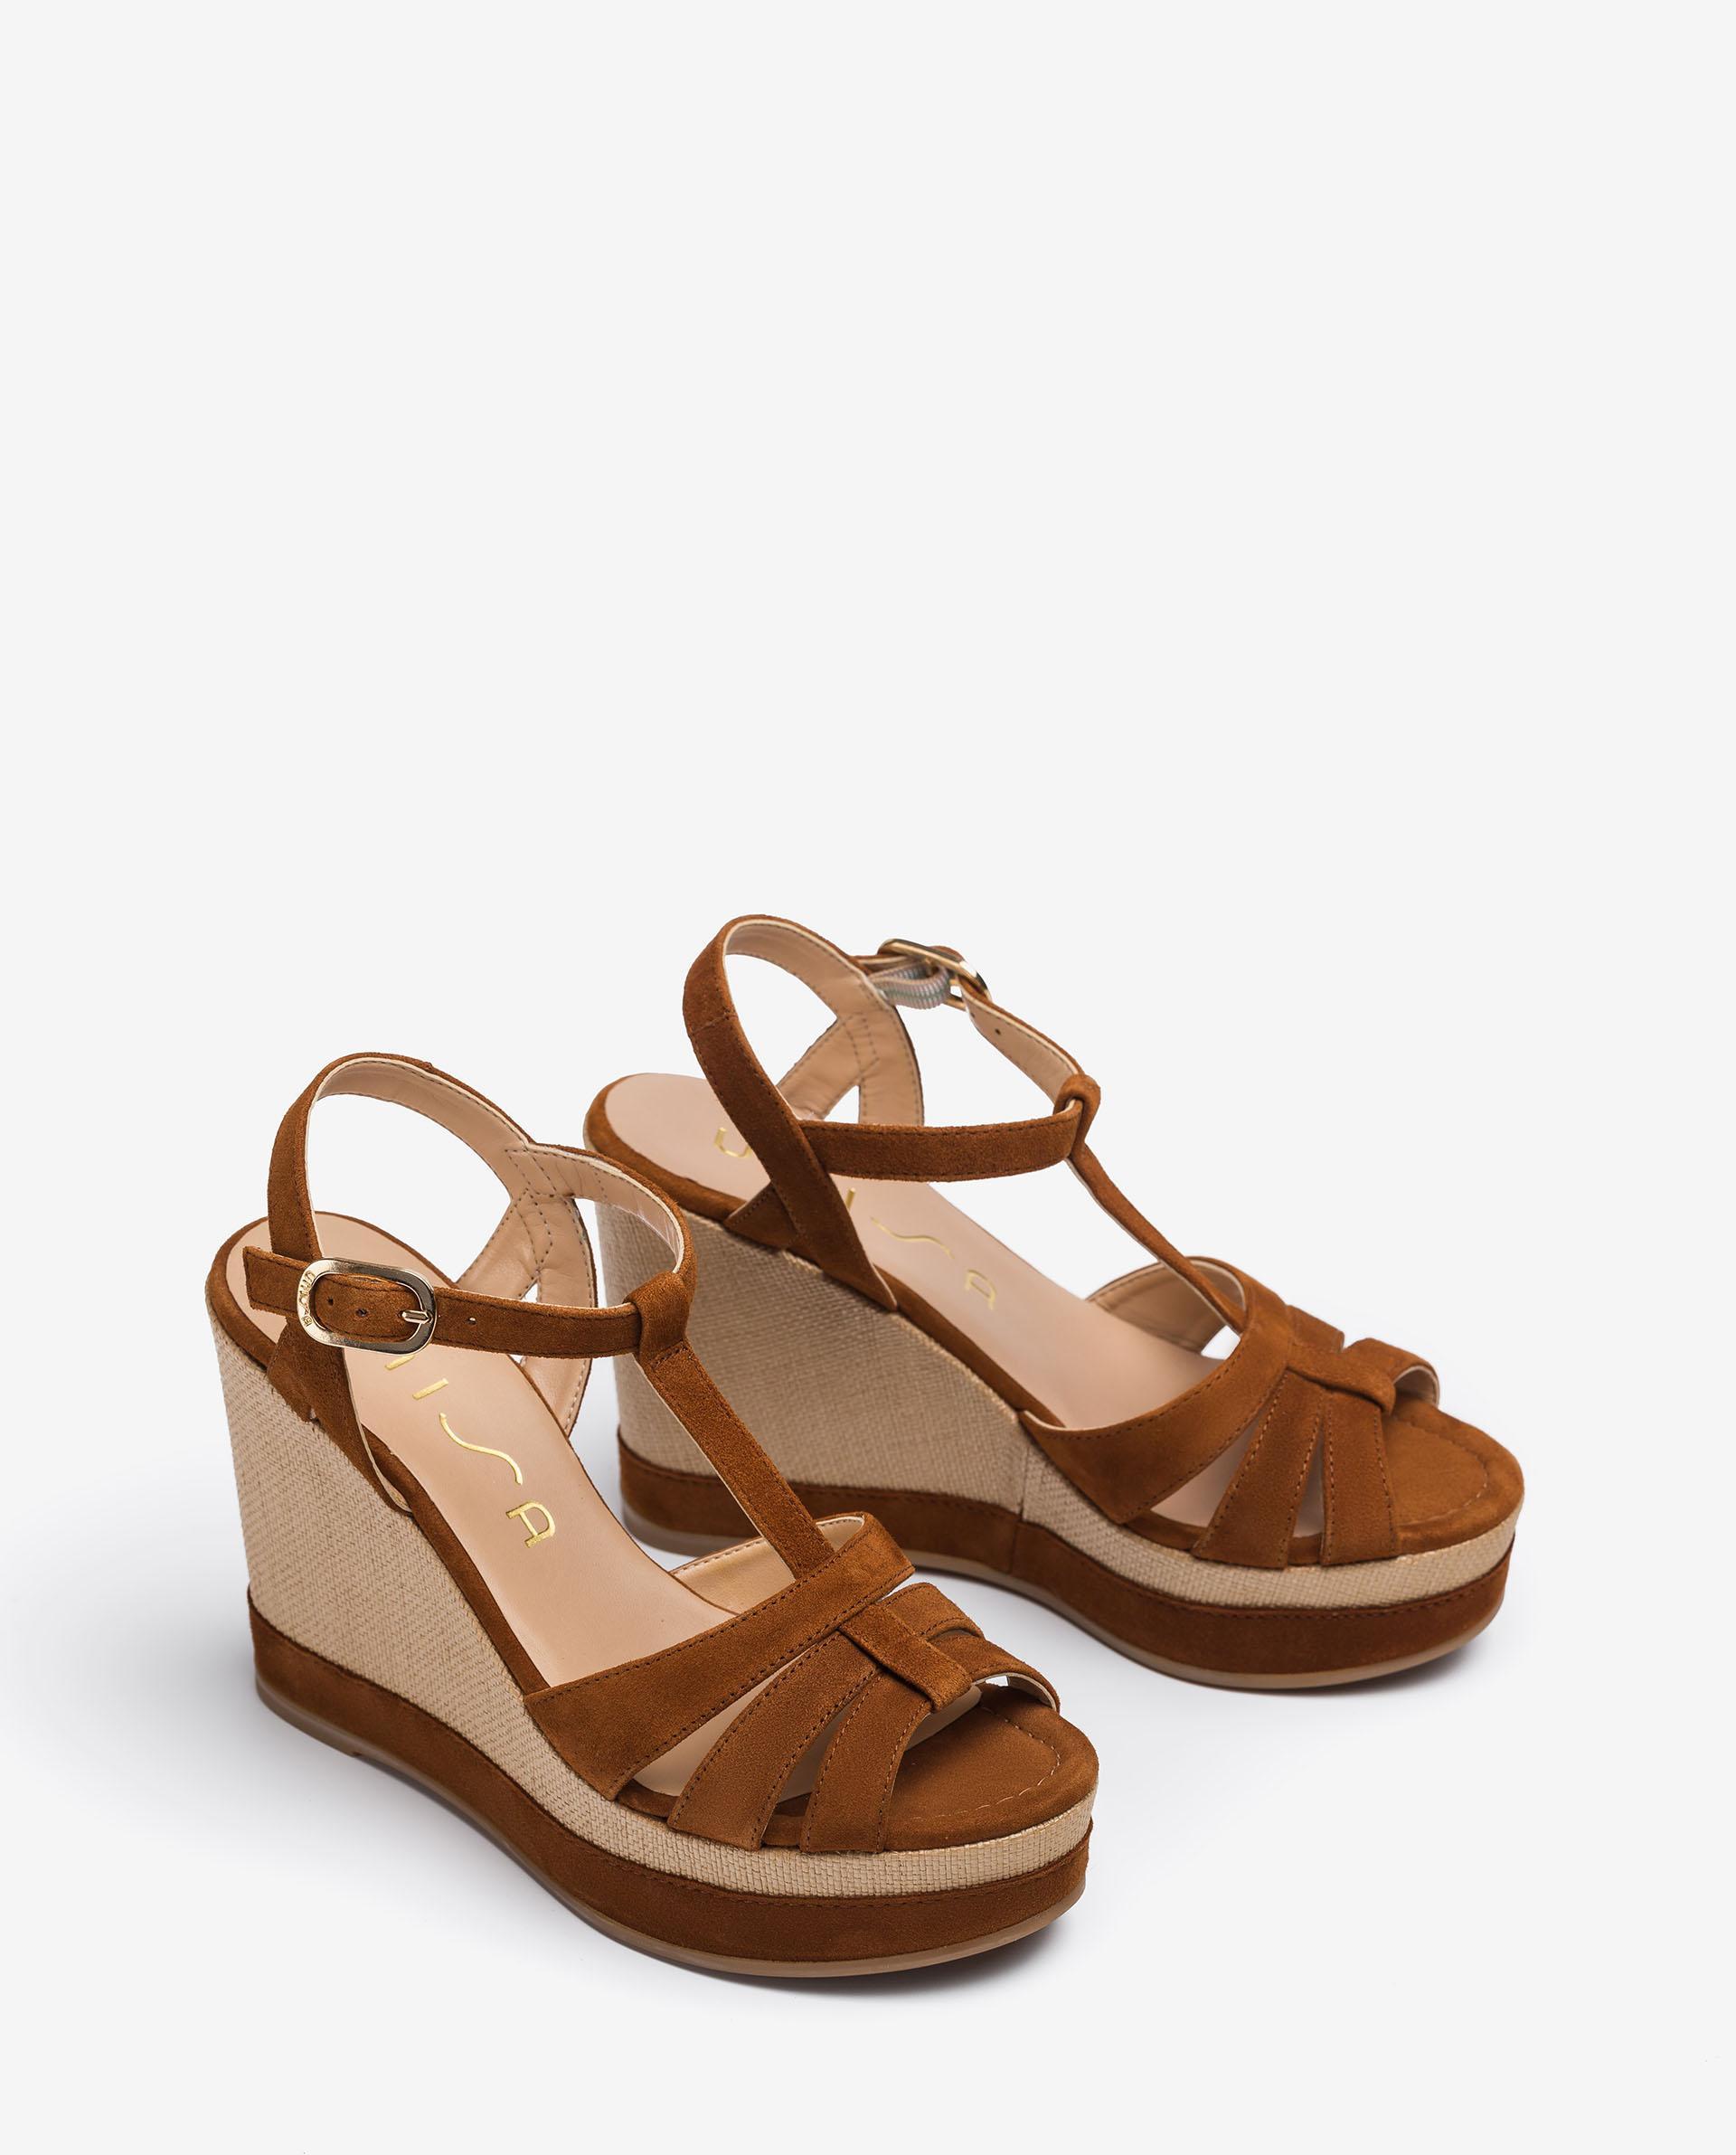 UNISA T-Strap-Sandalen aus Wildleder MANACOR_KS 5